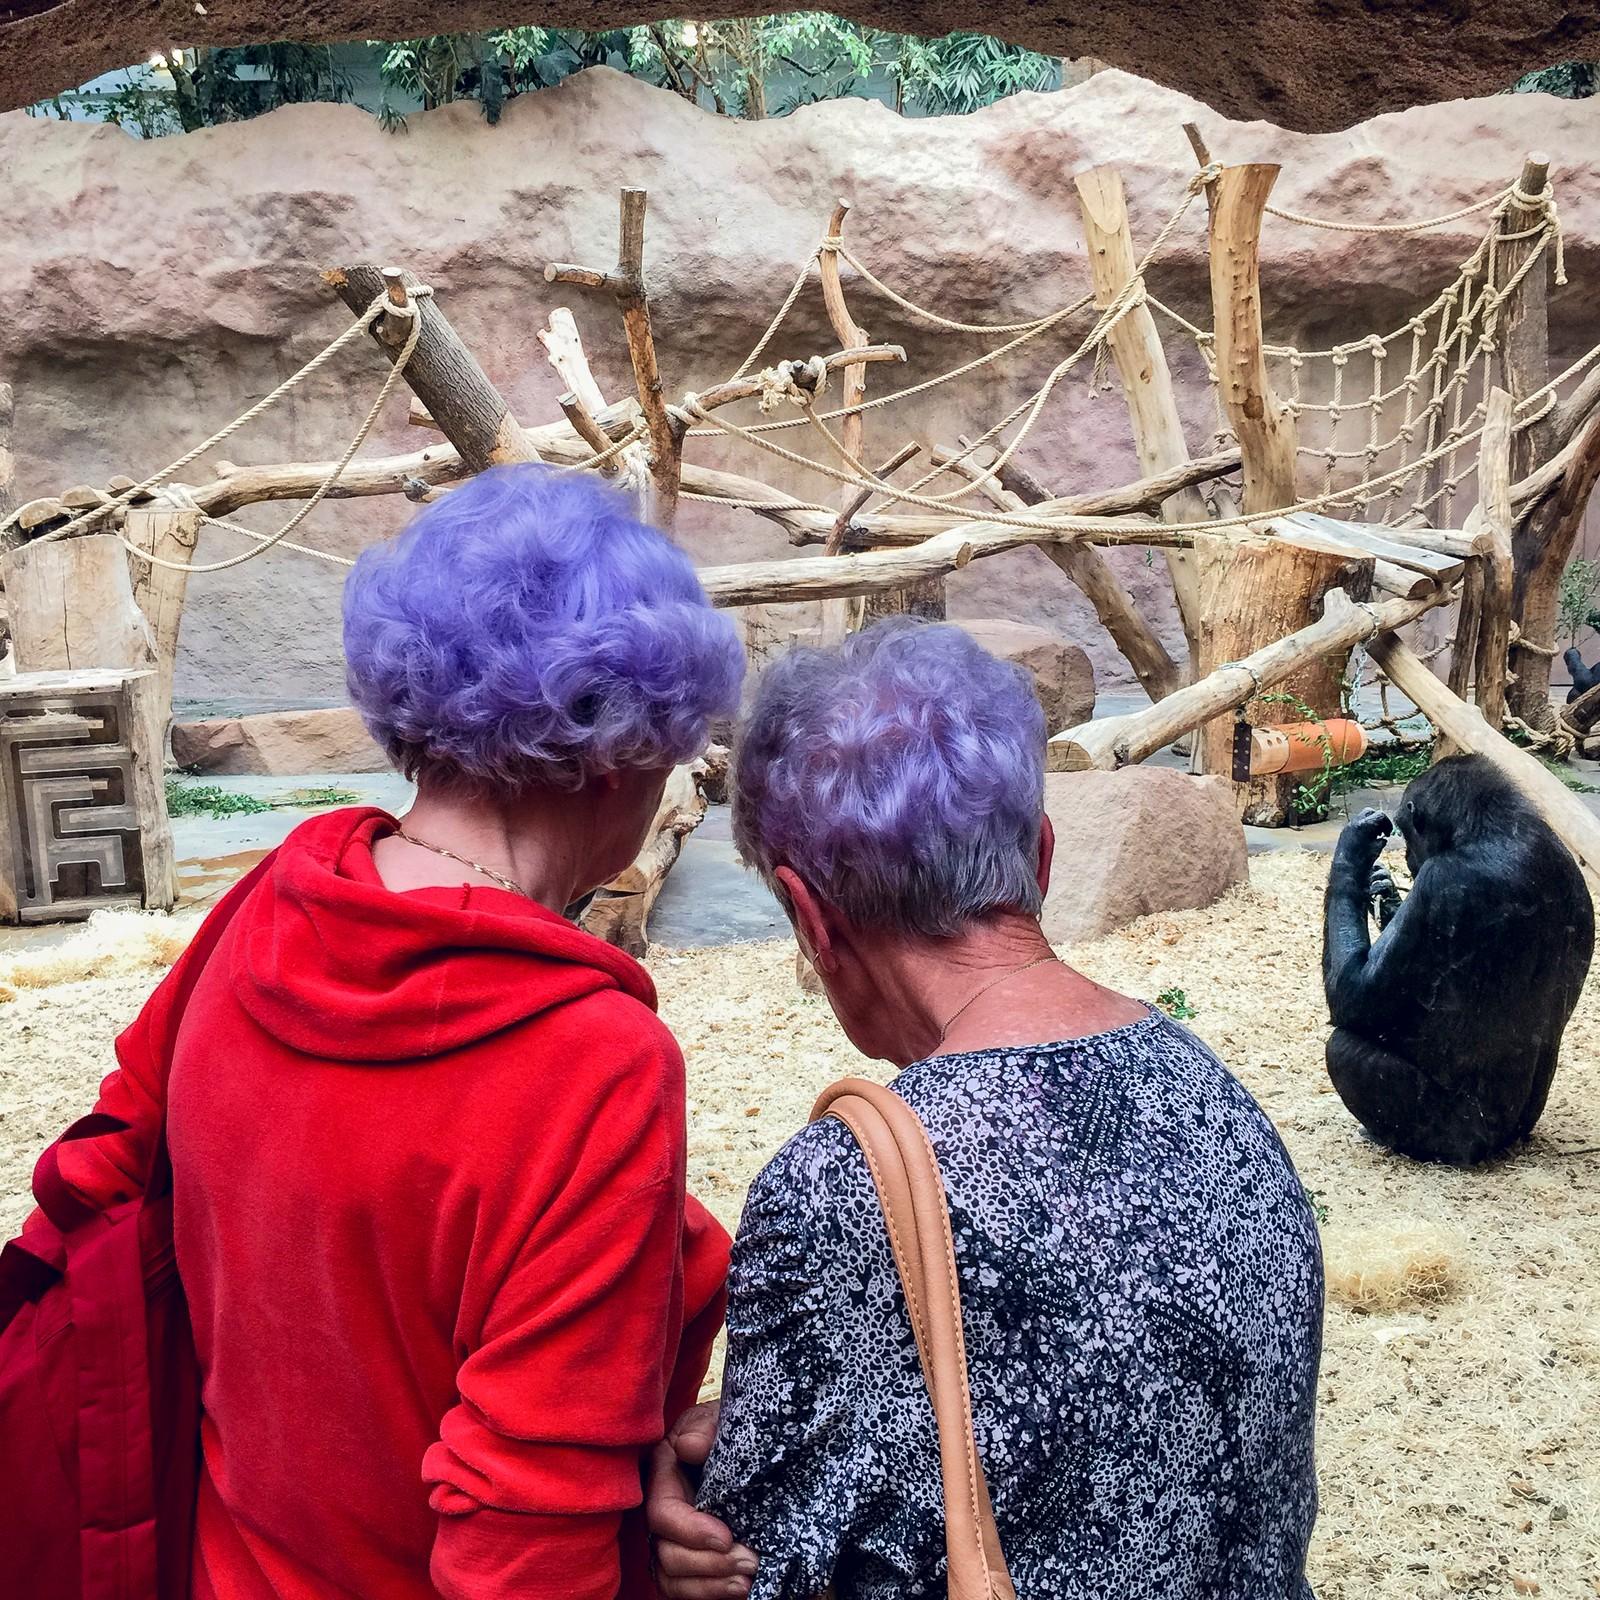 3. pris åpen klasse: To venninner betrakter en uinteressert gorilla i Praha Zoo. Juryens begrunnelse: Et fantastisk øyeblikk, humoristisk og morsomt. Det visuelle pustehullet vi trenger i hverdagen.